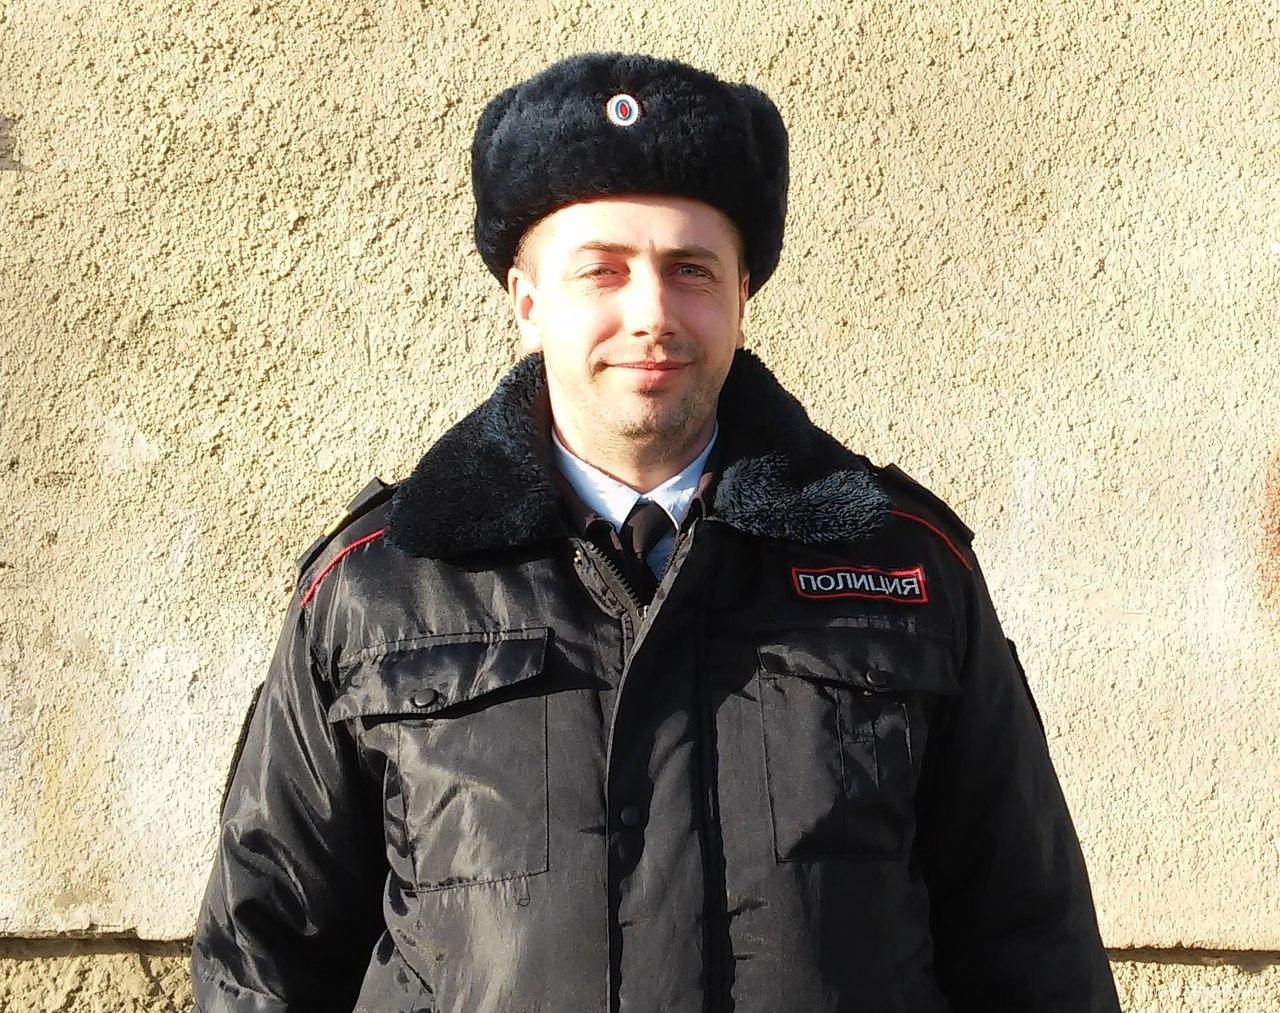 Росгвардеец из Зеленчукского района призер чемпионата по шахматам в Ростове